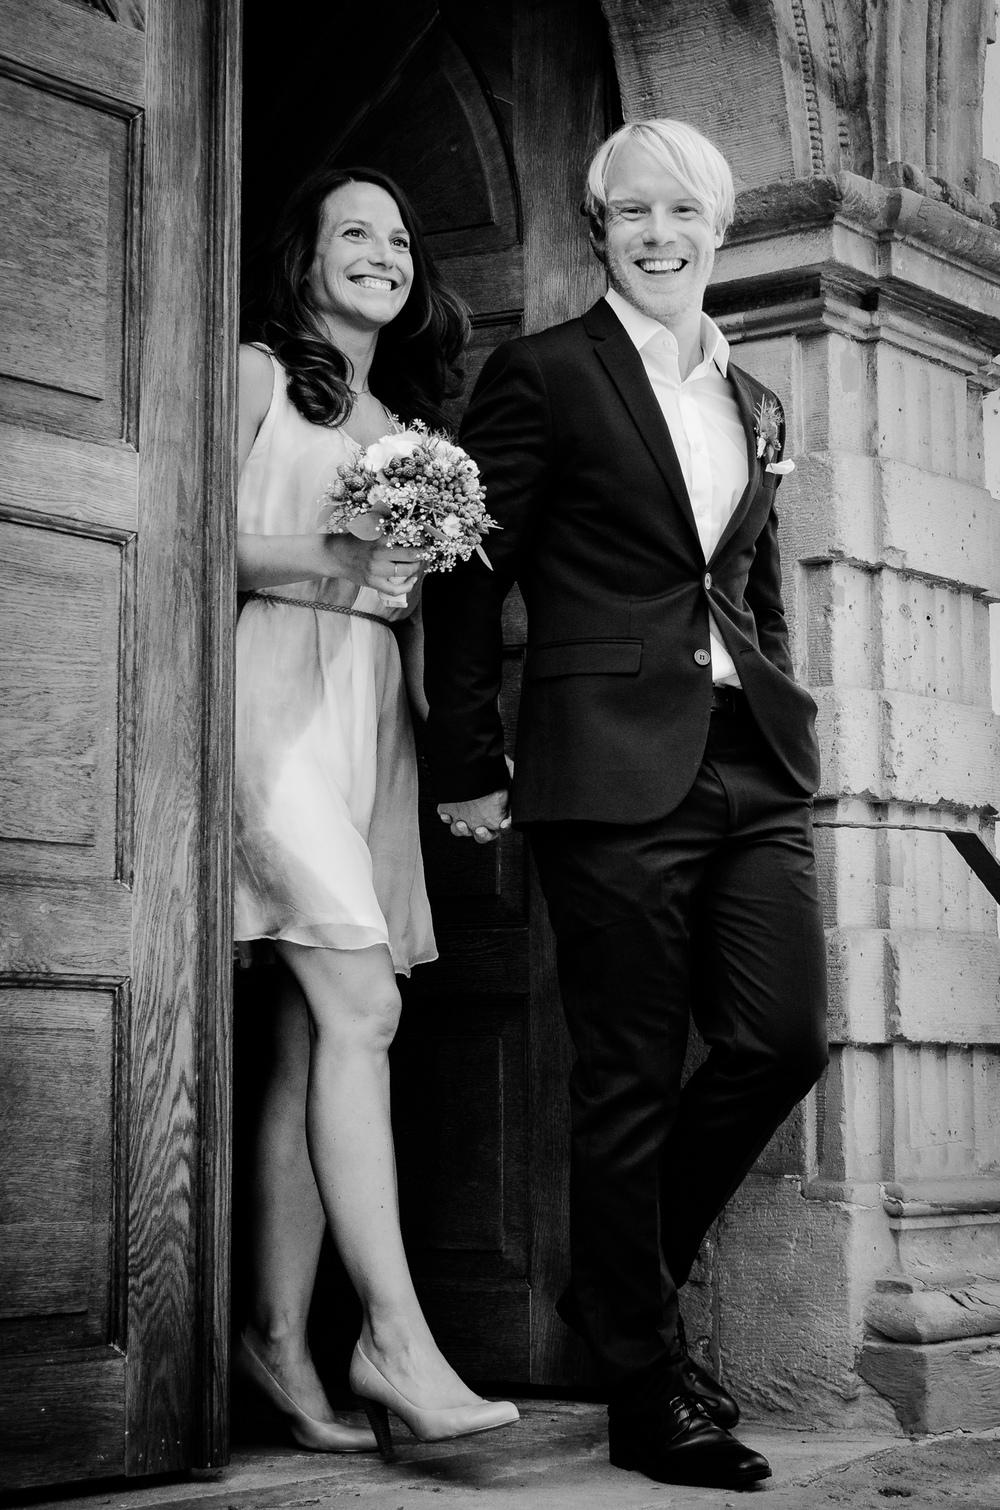 20150905_wedding_hochzeit_standesamt_rotenburg_fulda_christoph_schlein-4595.jpg